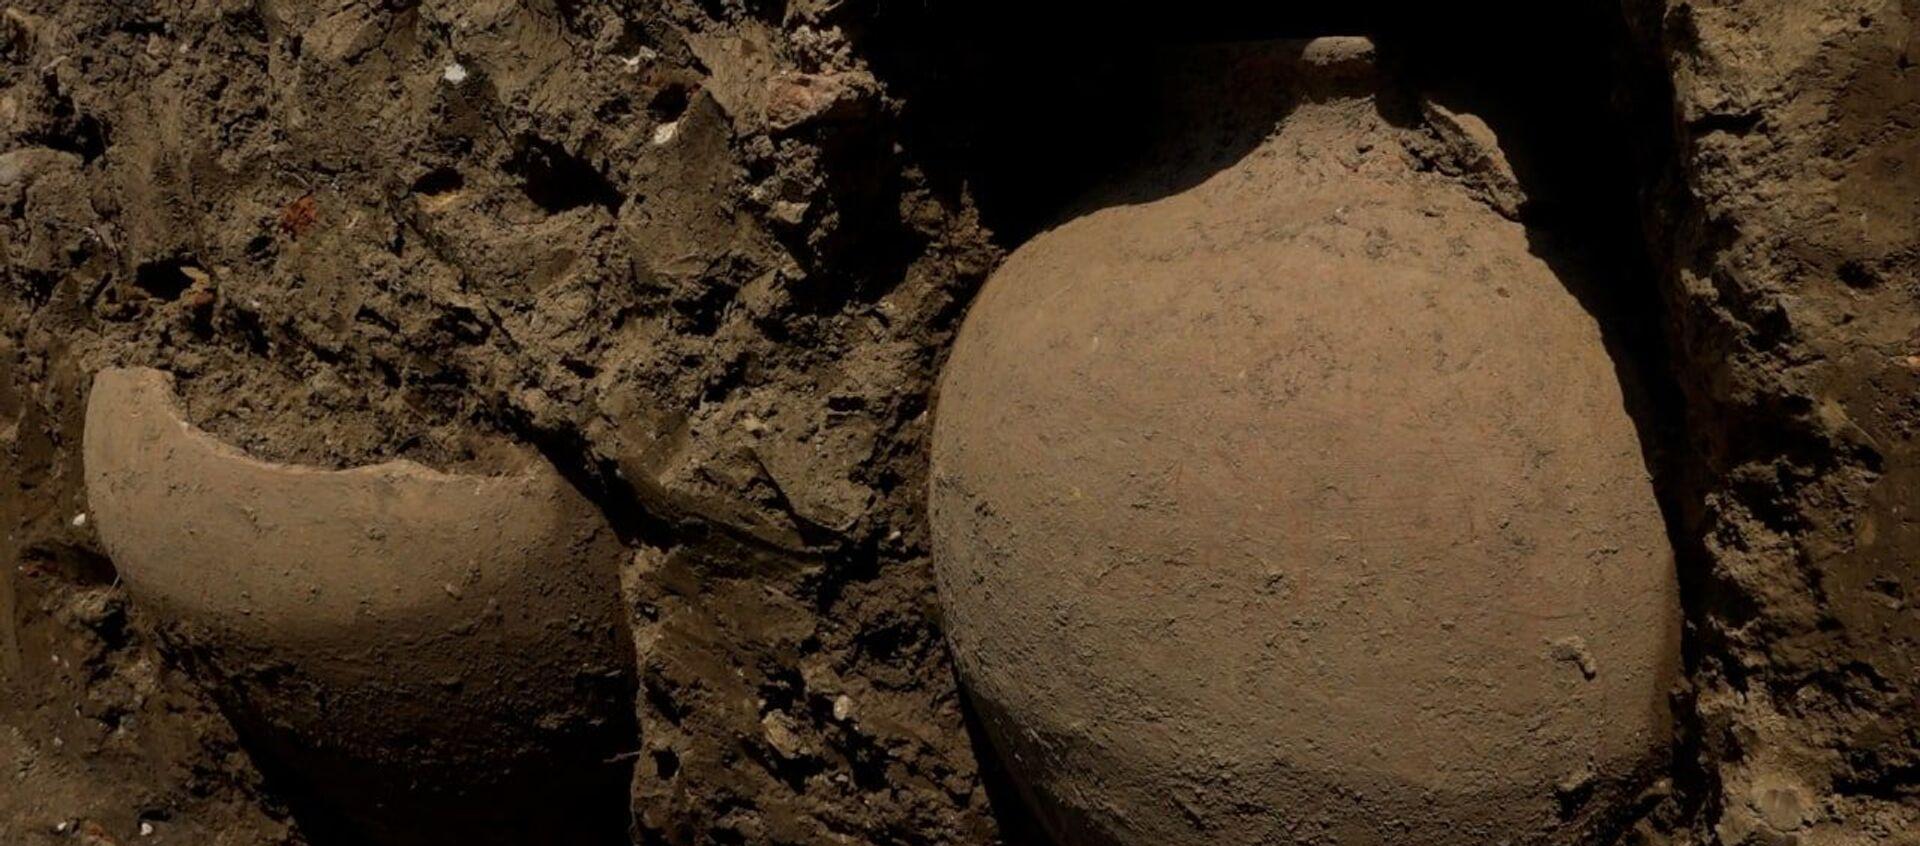 Раскопать историю: древние находки археологической экспедиции в Меркуле - Sputnik Абхазия, 1920, 08.08.2021